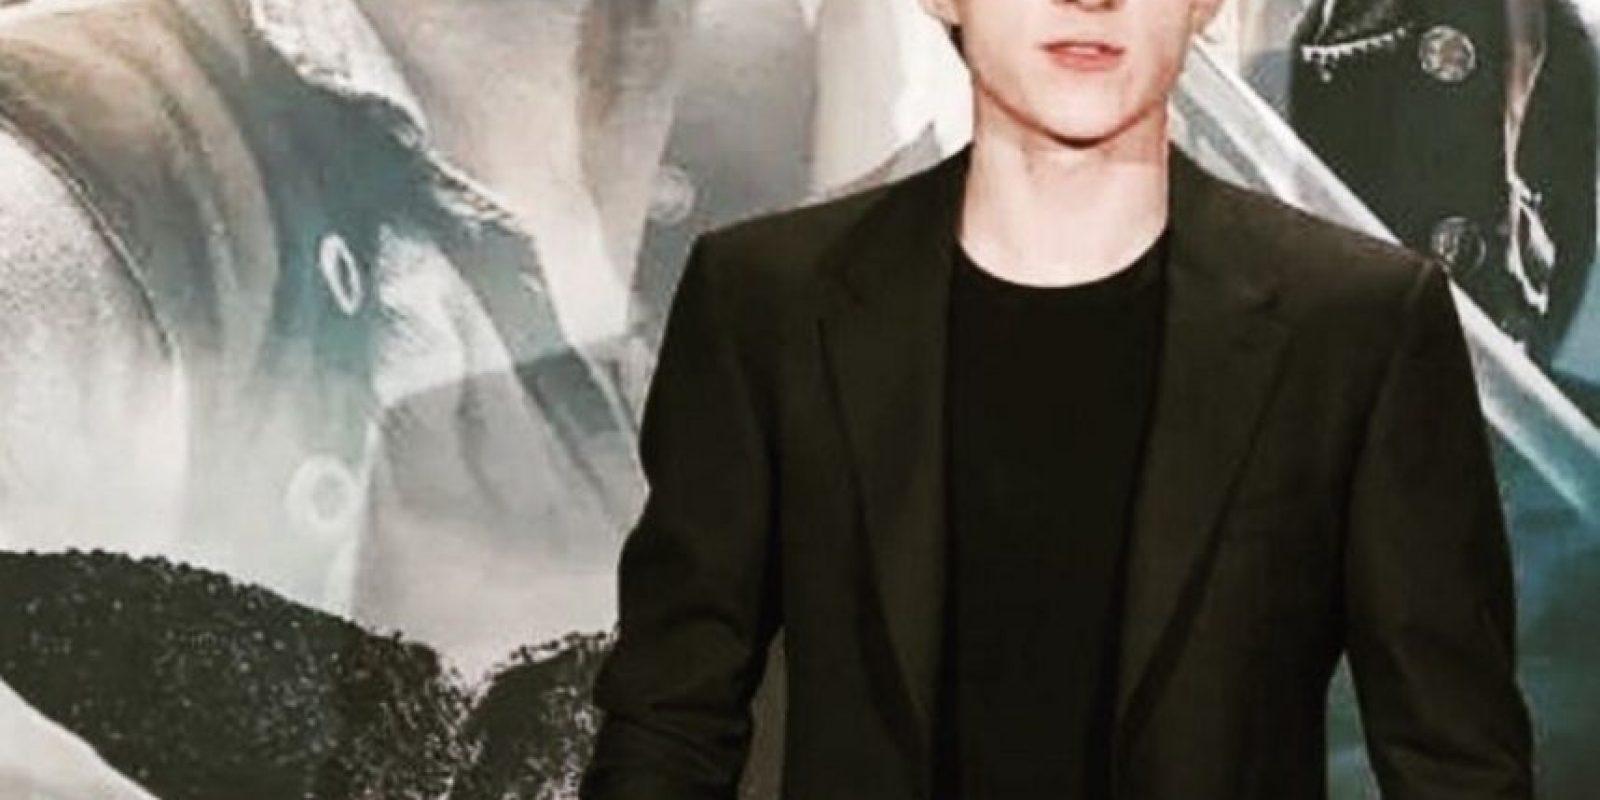 El actor tiene 19 años Foto:Vía instagram.com/tomholland2013